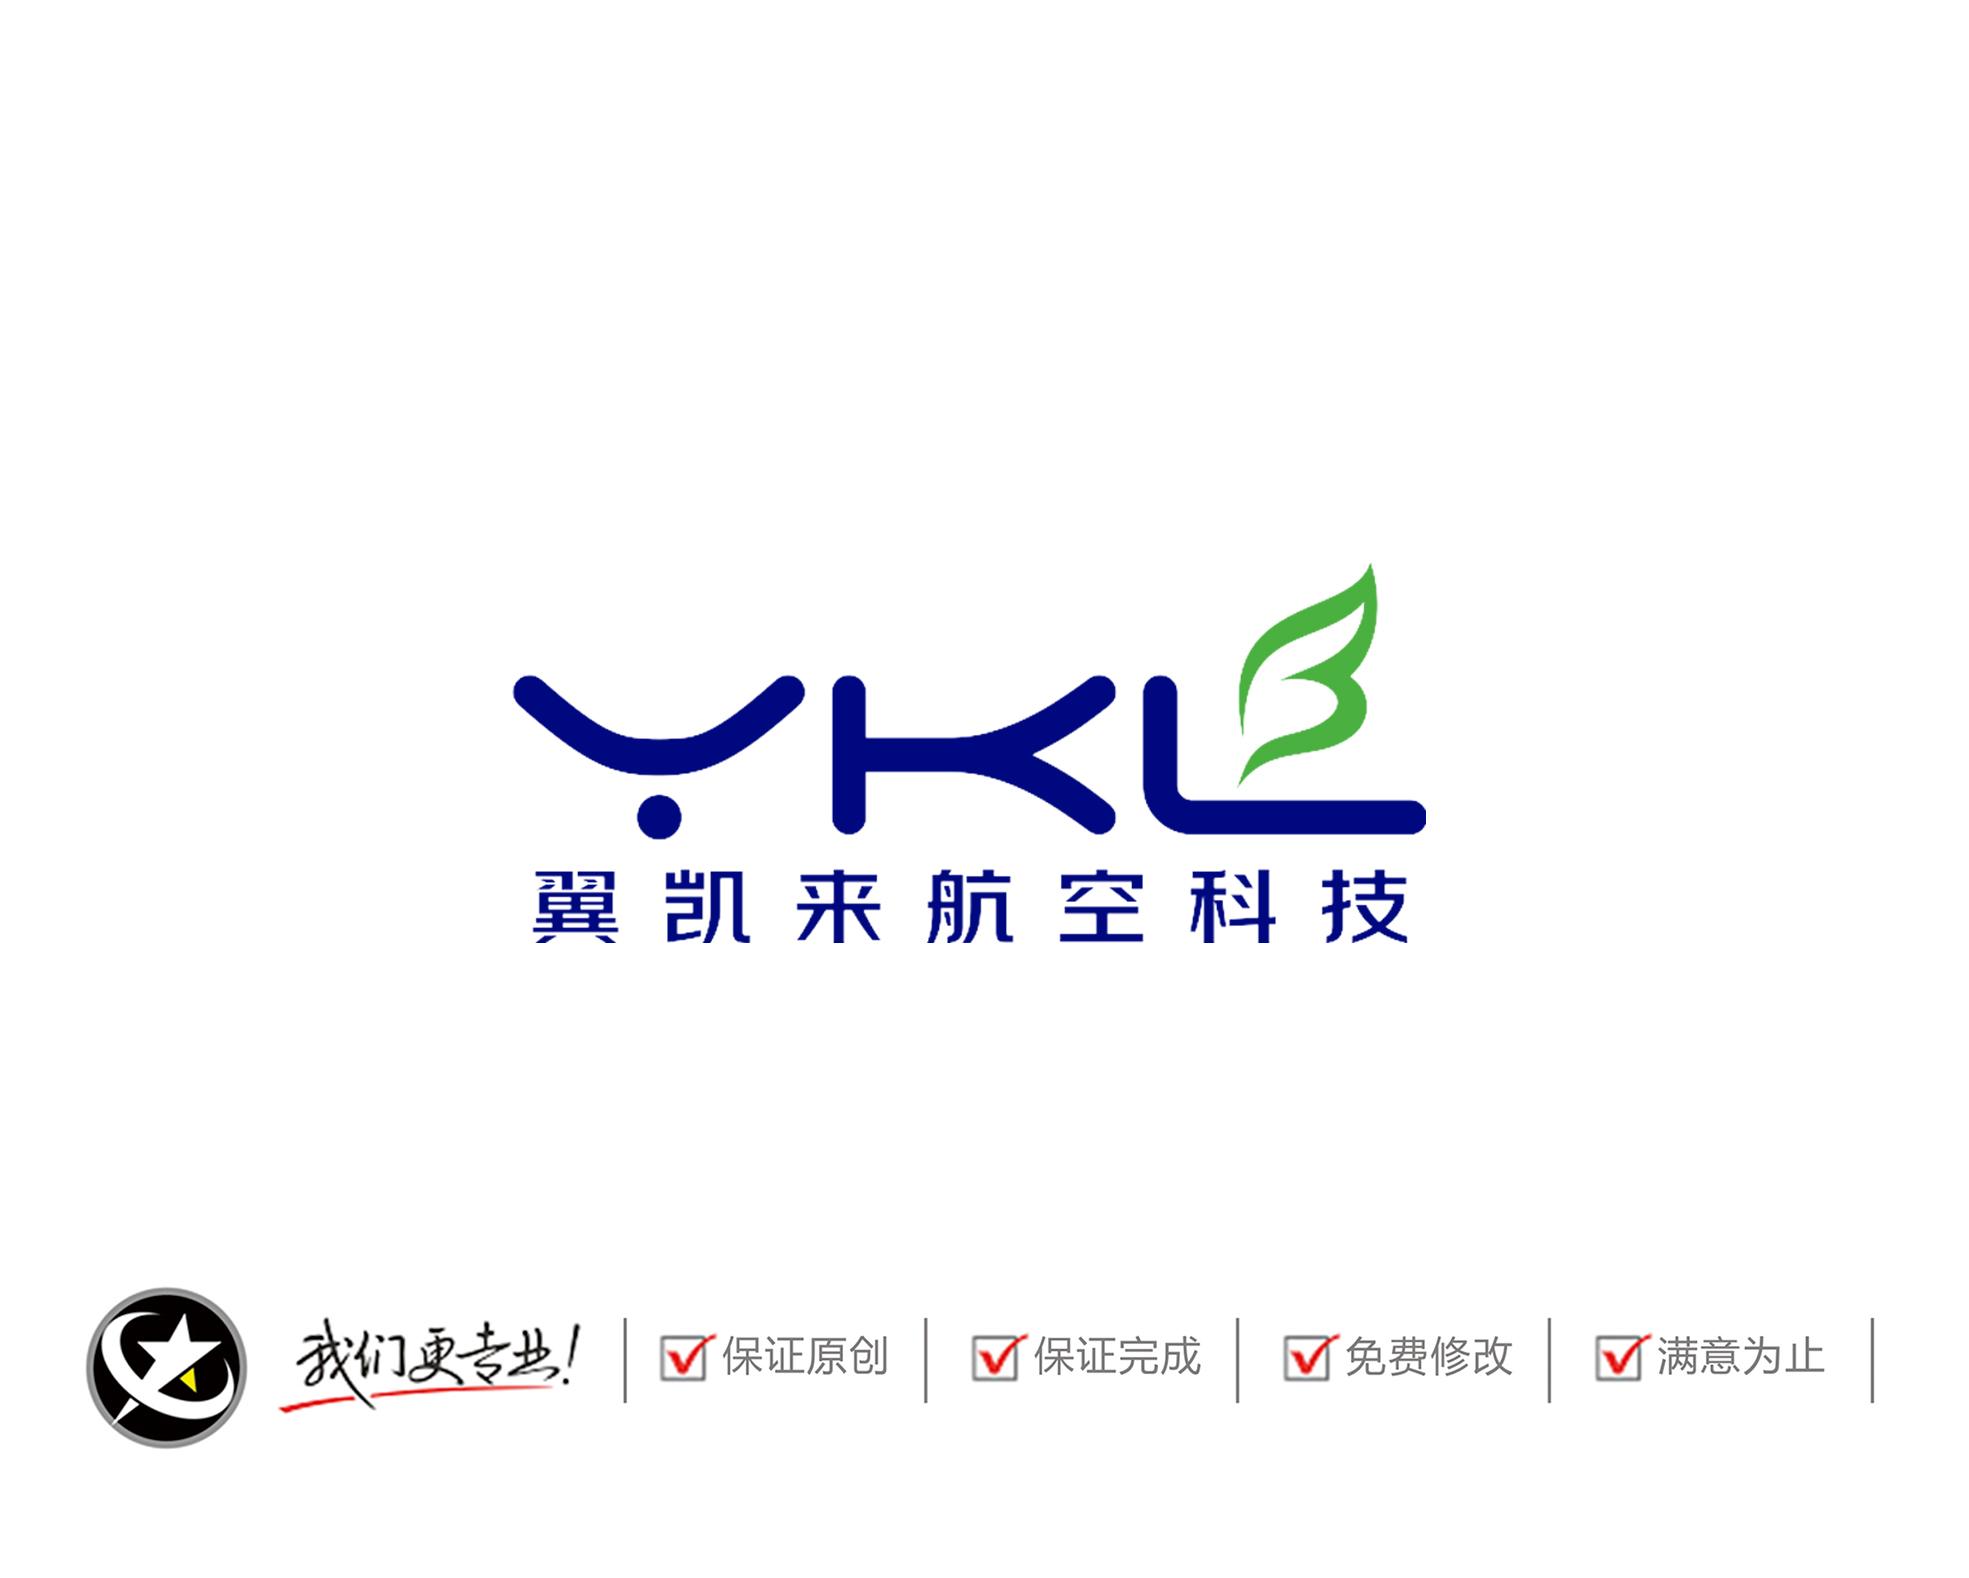 商标设计(5.26更新)_3037568_k68威客网